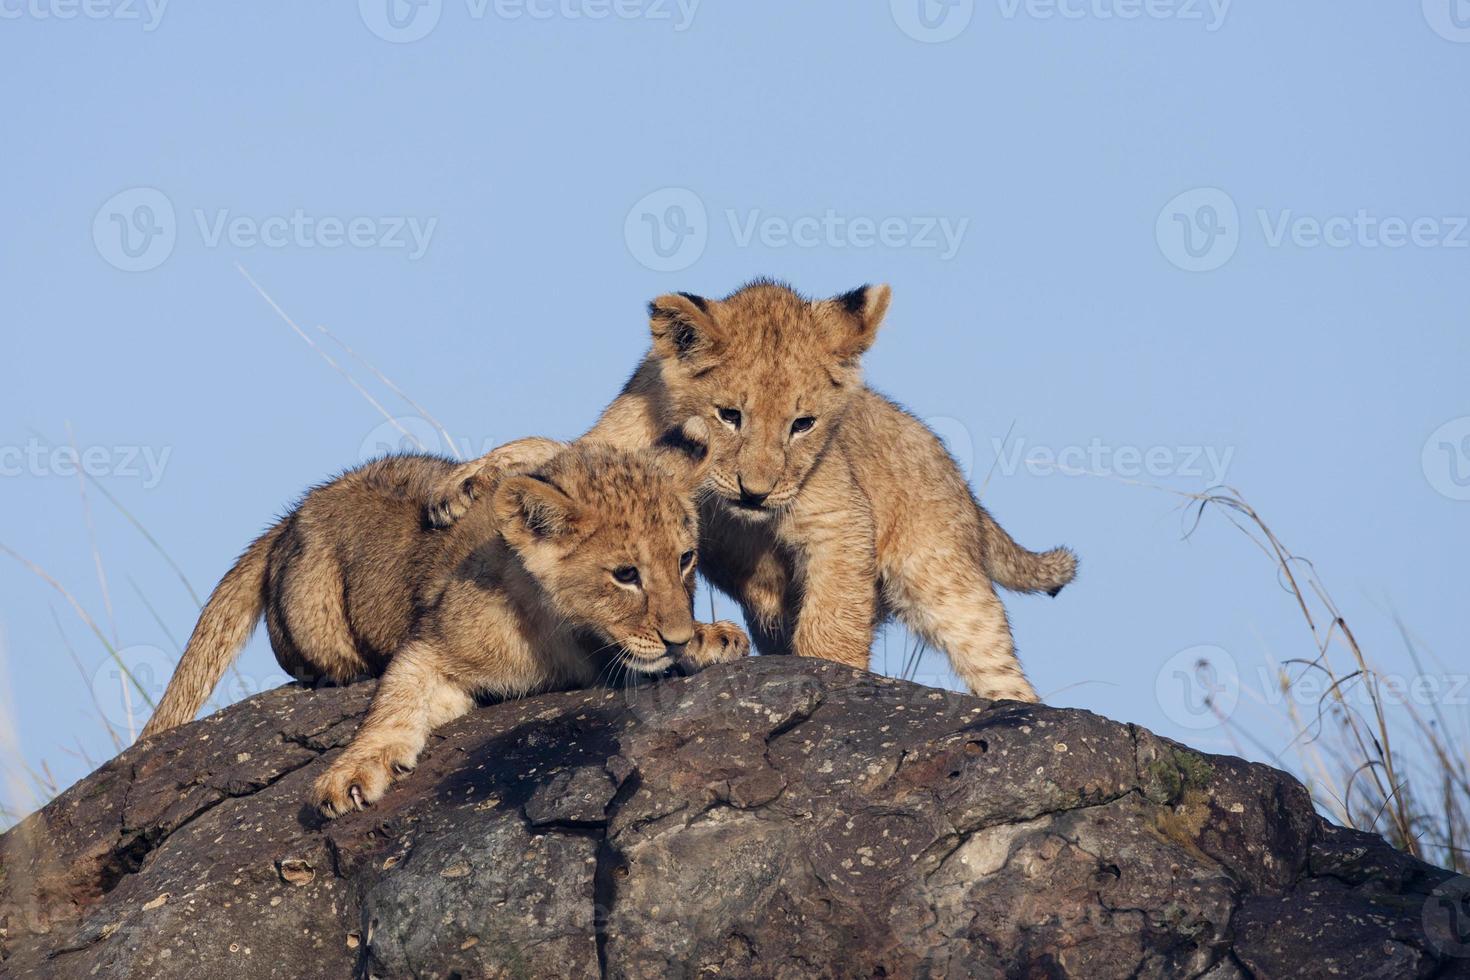 cachorros de león (panthera leo) jugando en las rocas foto